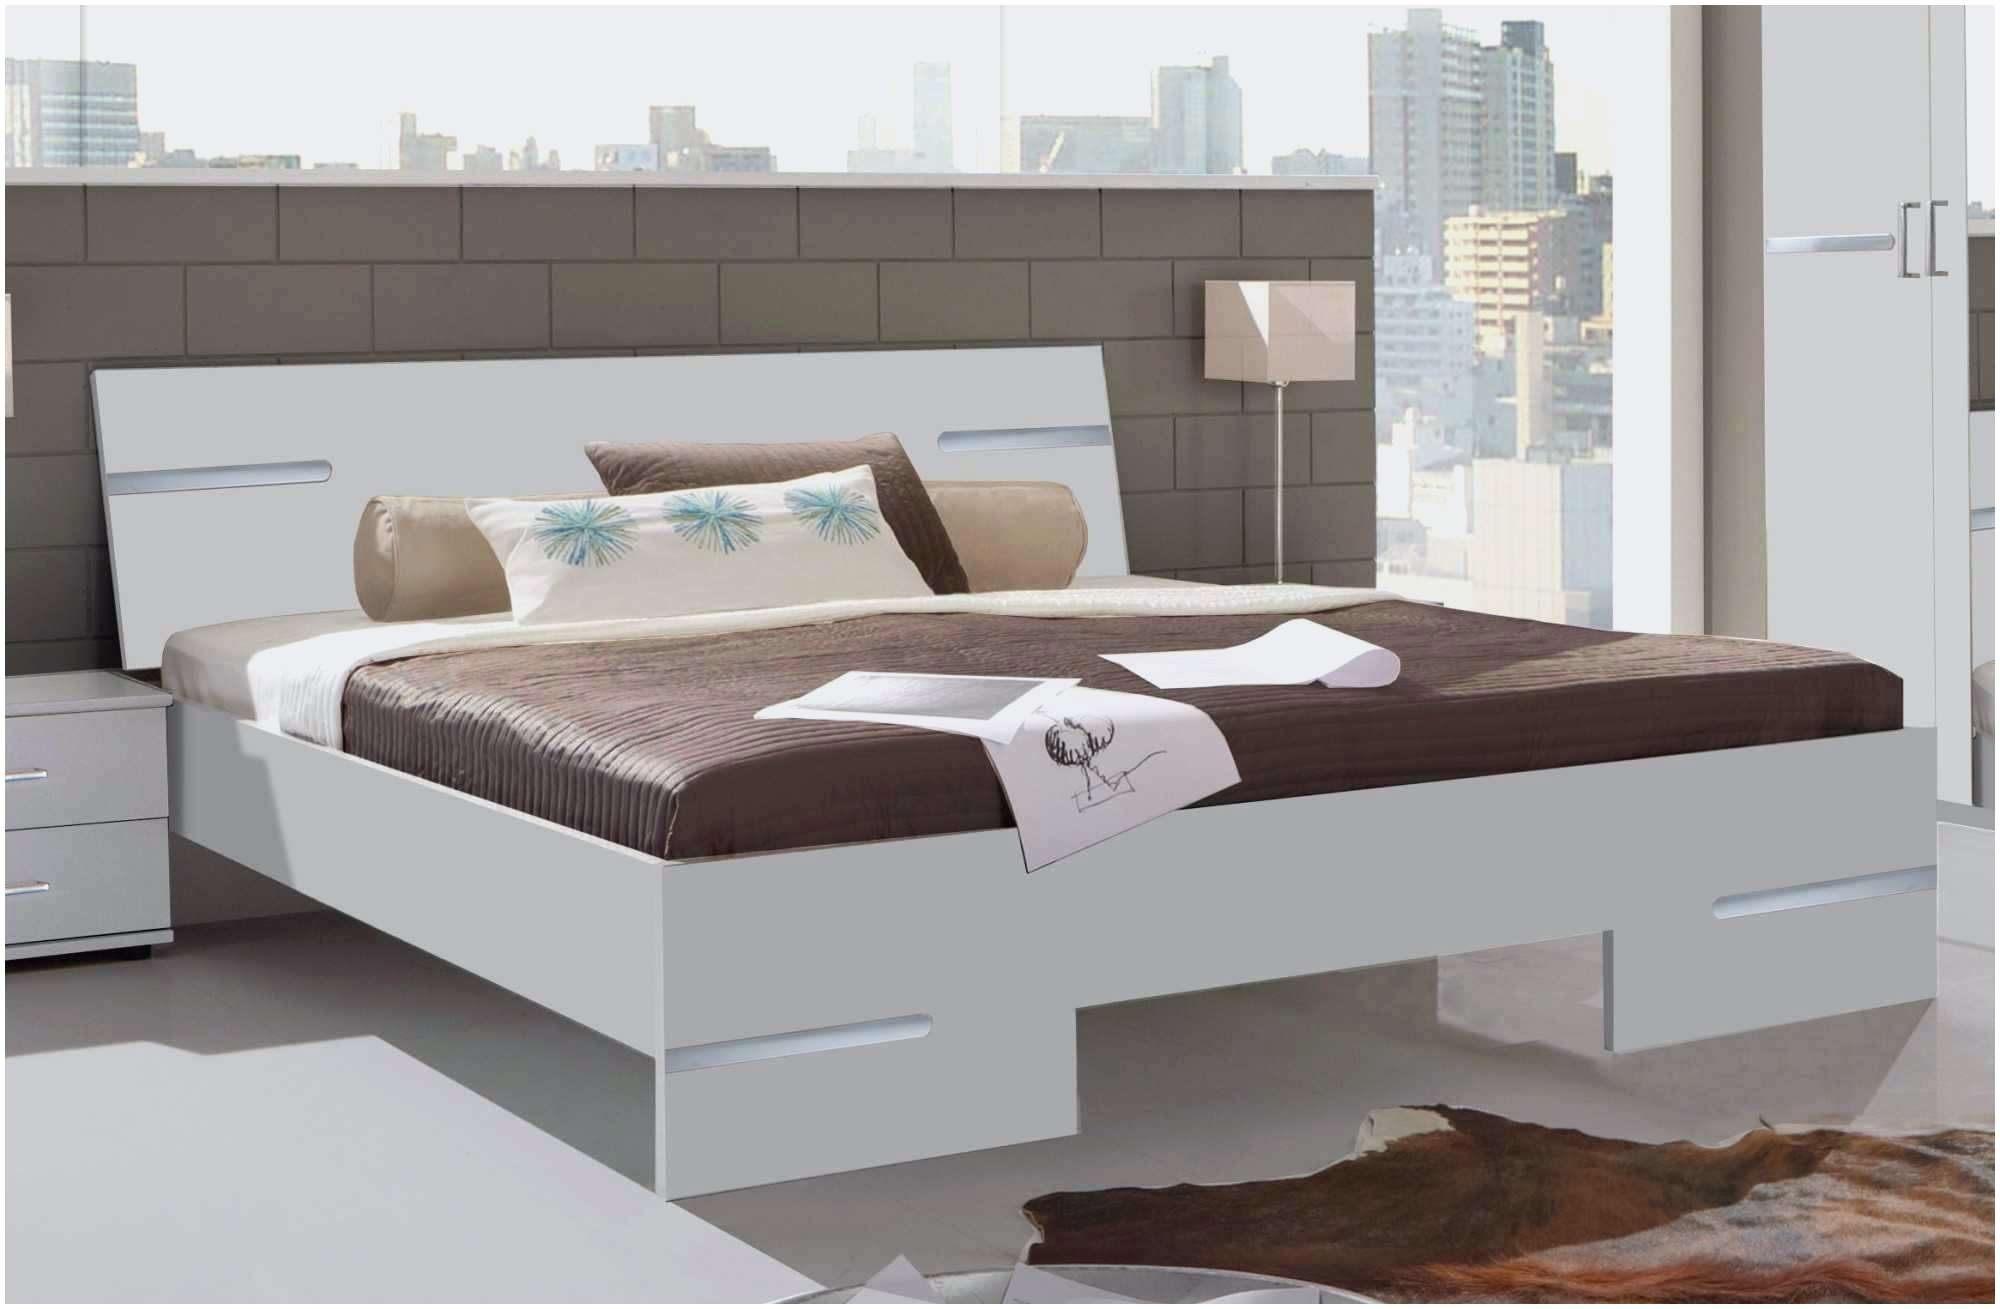 Lit Futon Ikea Belle Le Meilleur De Canape Lit Gigogne Ikea Matelas Banquette Ikea